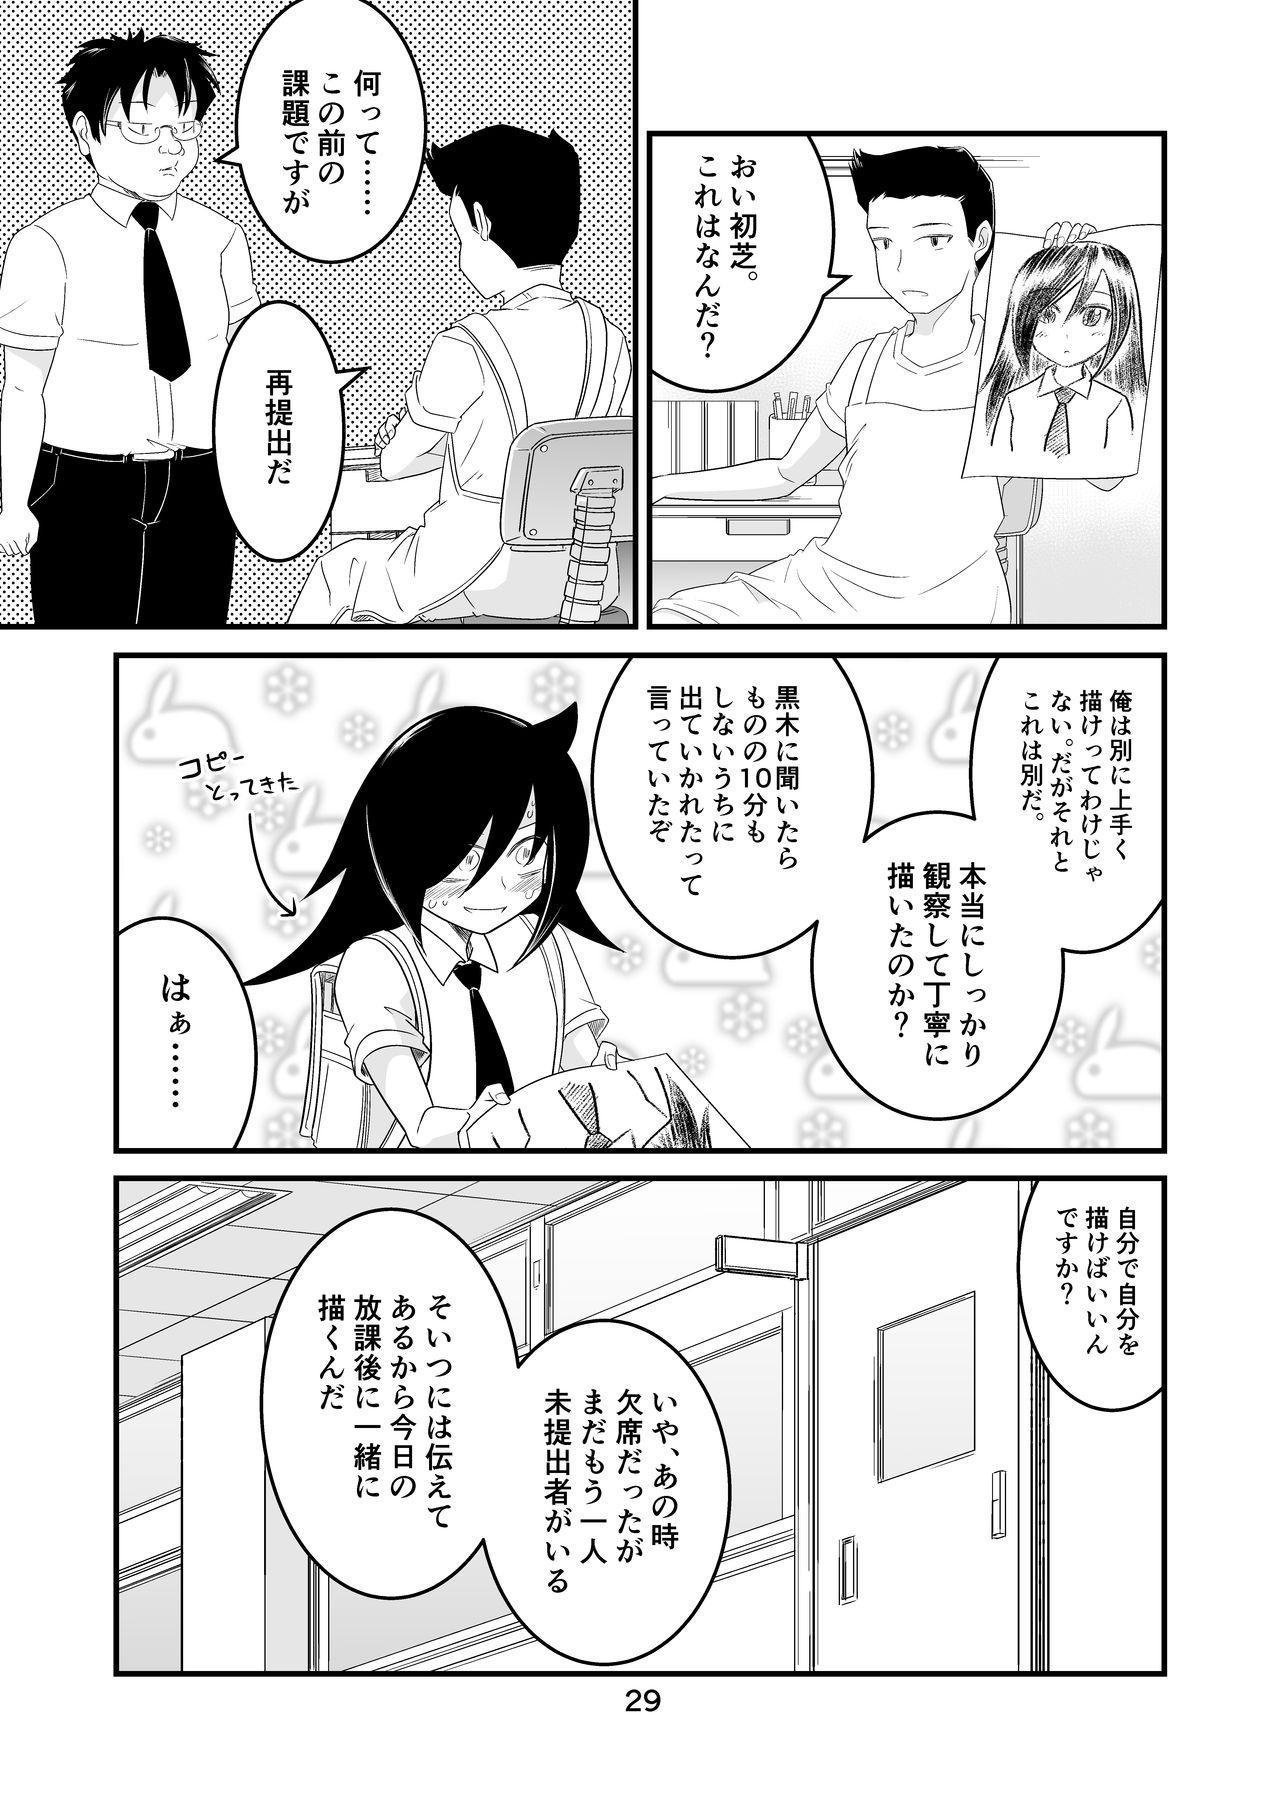 Watamote Seishun Omnibus 28